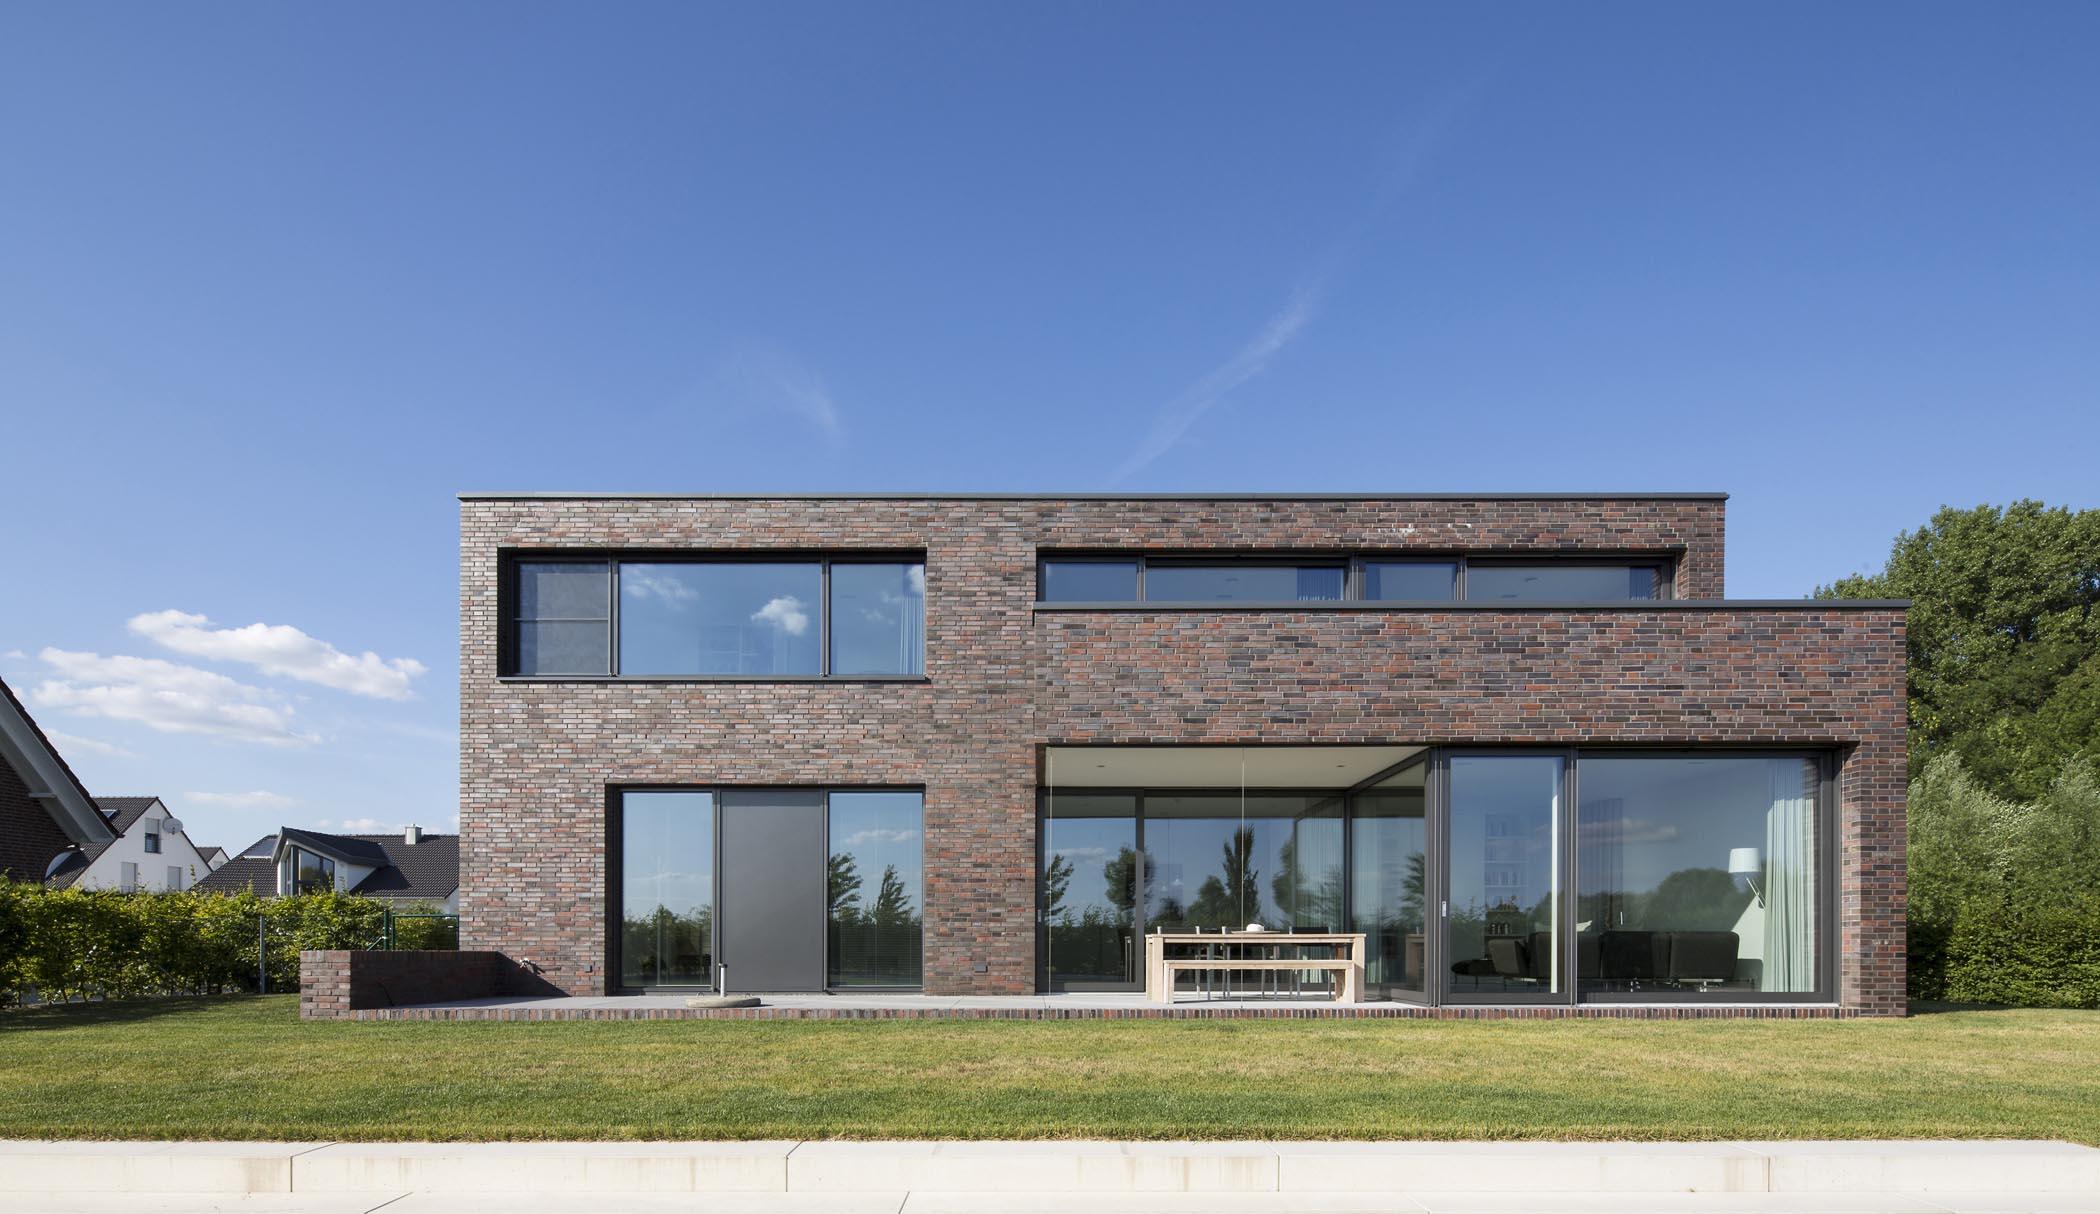 M Belhaus M Nster architekt münster franz hitze akademie m nster kresings studentenwohnheim boeselburg m nster